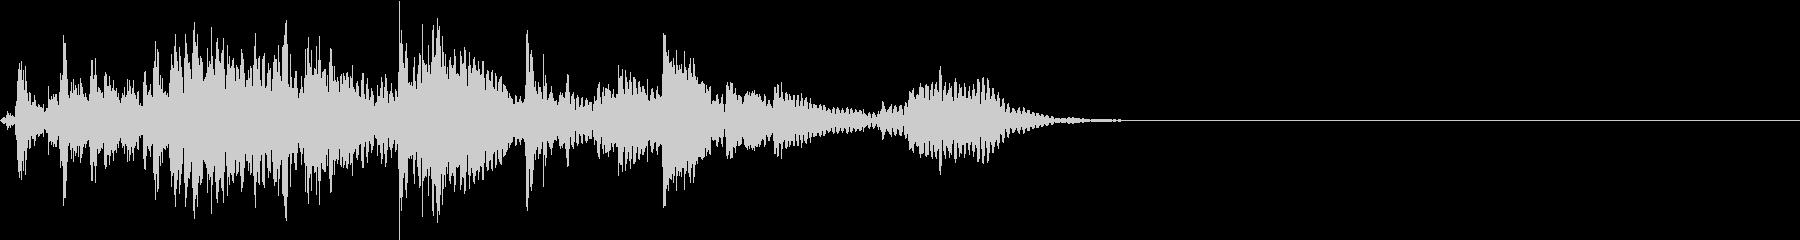 【生録音】犬の首輪のチェーンが鳴る音の未再生の波形